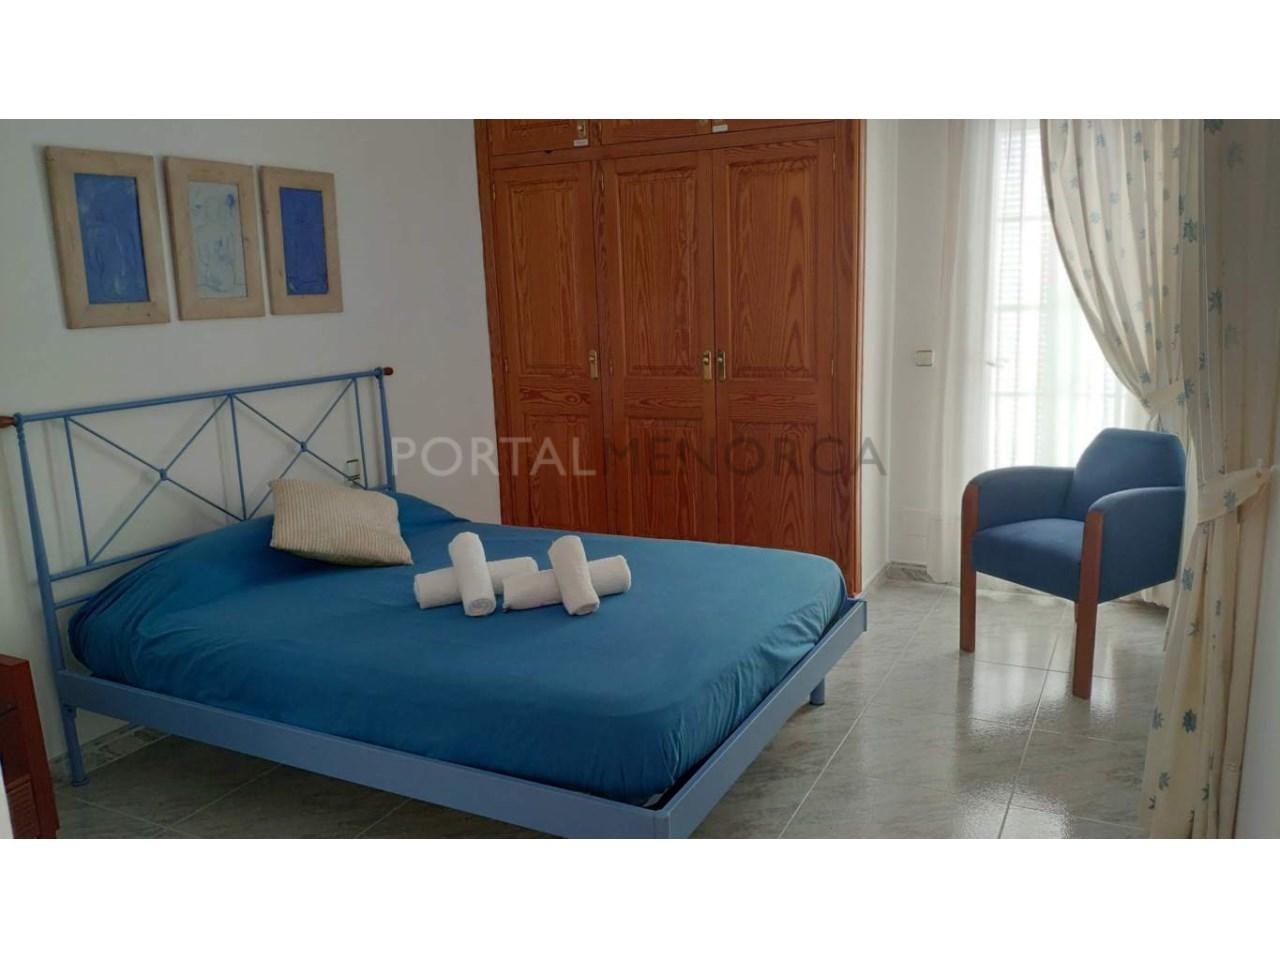 Chalet en venta en Calan Blanes con licencia turística Ciutadella Menorca - primera suite en planta piso